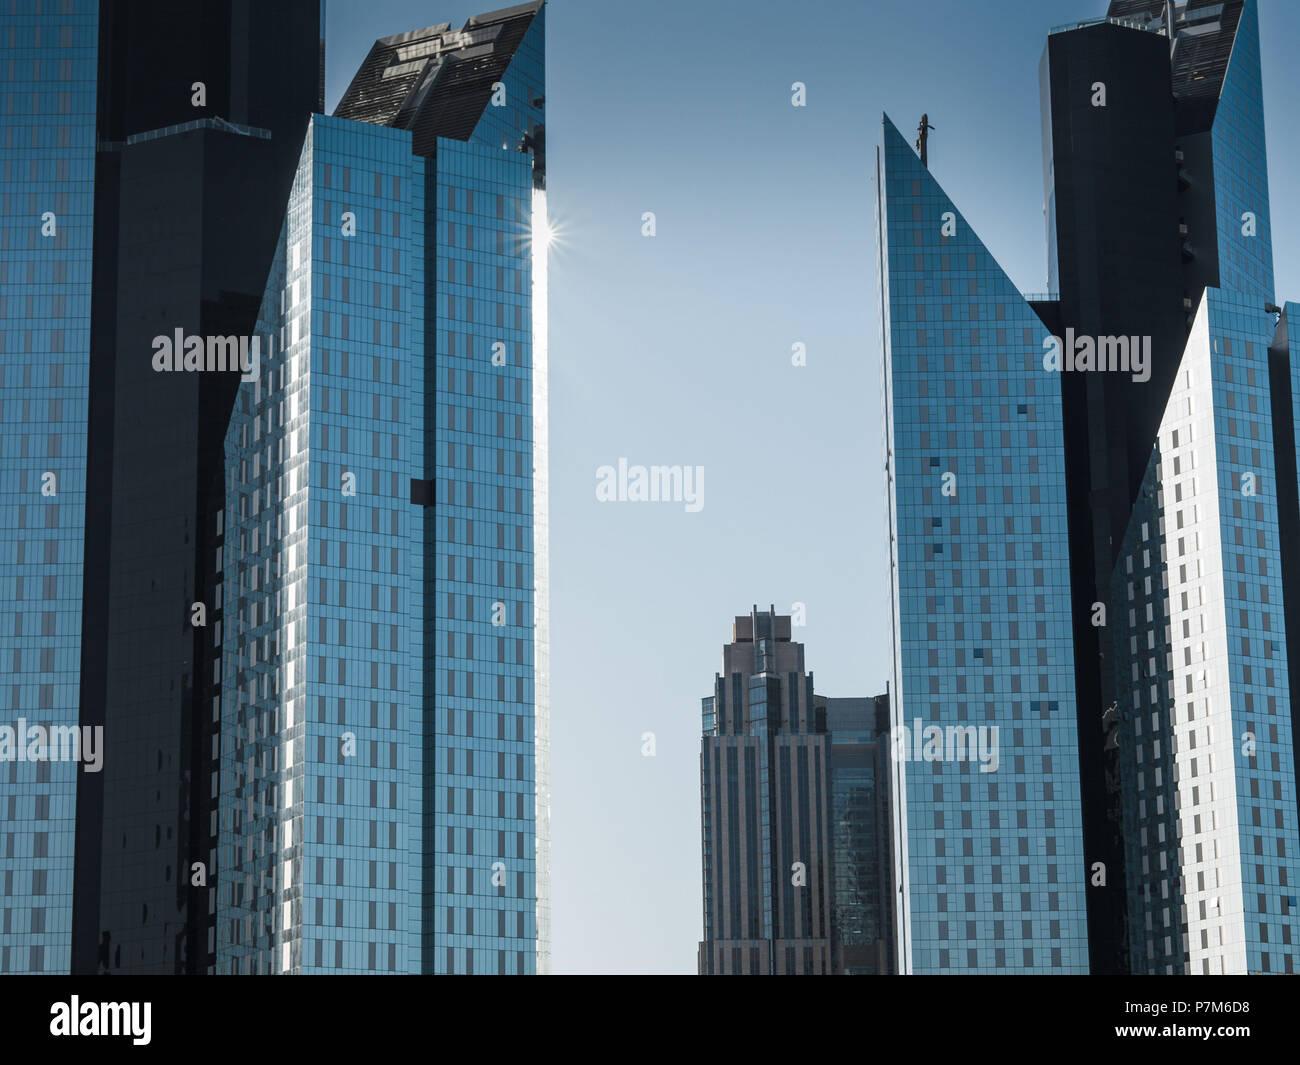 Detail Aufnahme der moderne, futuristische Architektur Fassade mit Sonnenlicht, Dubai, Vereinigte Arabische Emirate Stockbild